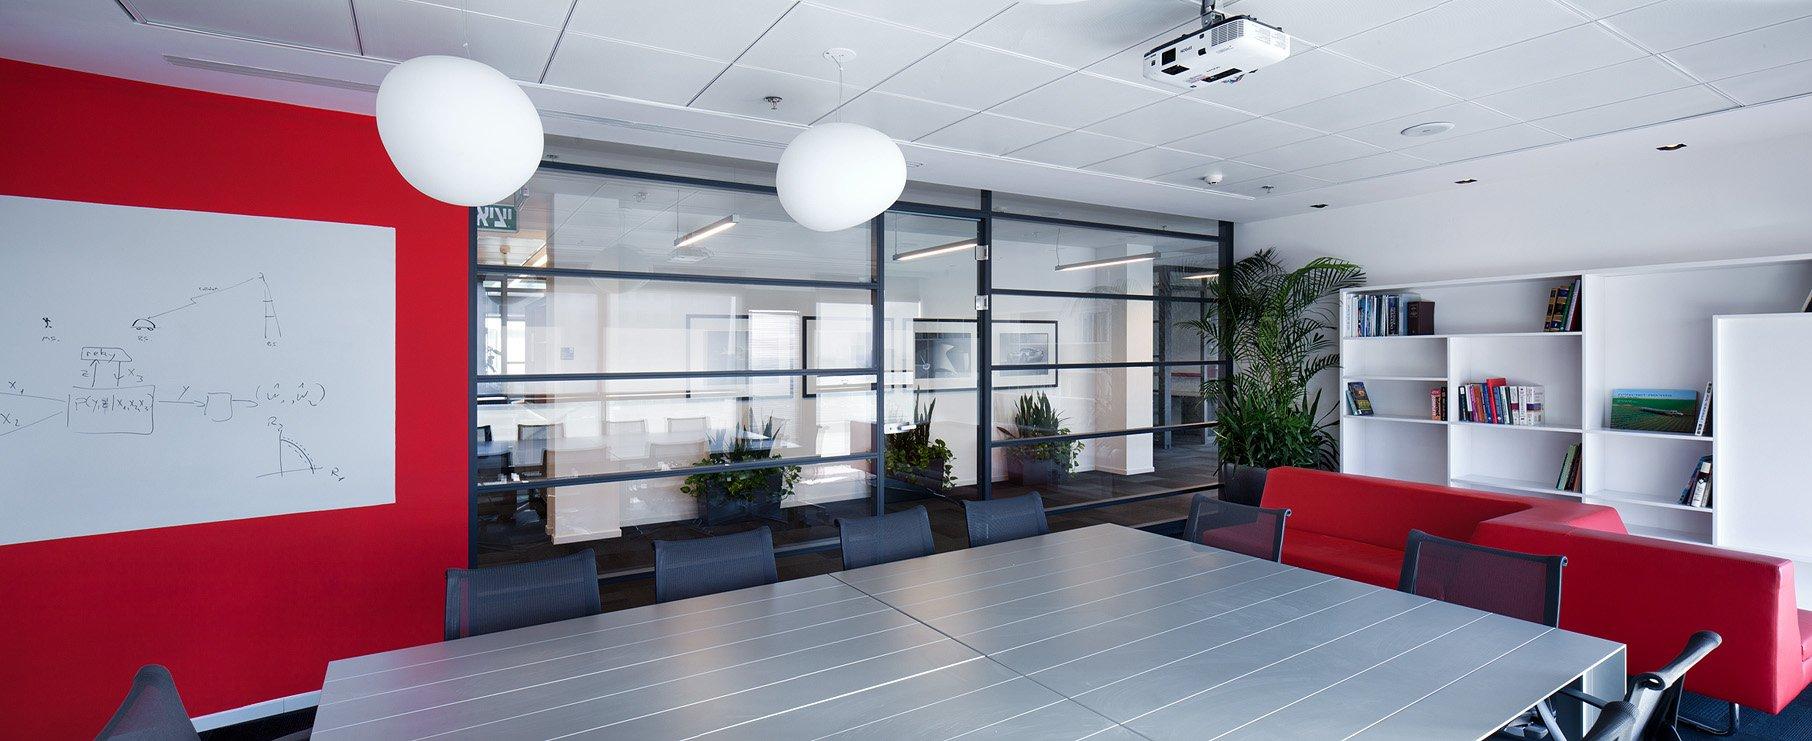 עיצוב משרד מודרני לחדר ישיבות